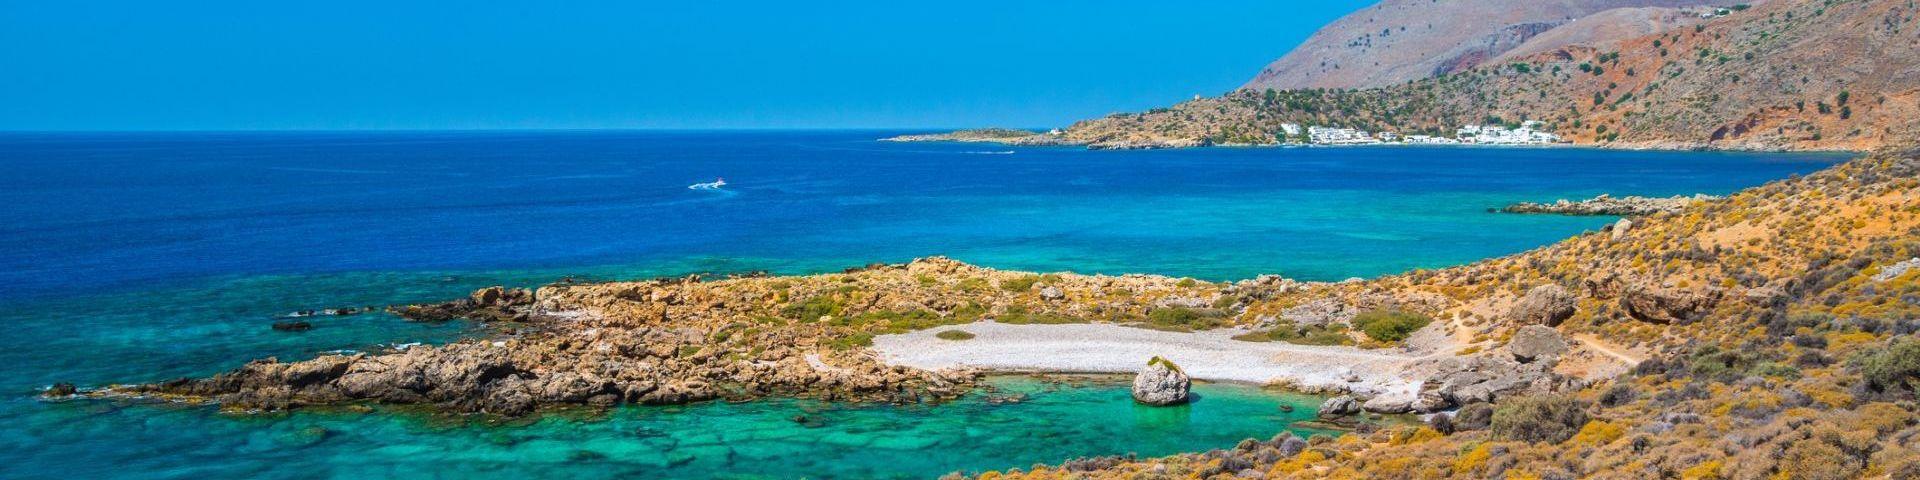 Spätsommer in Griechenland